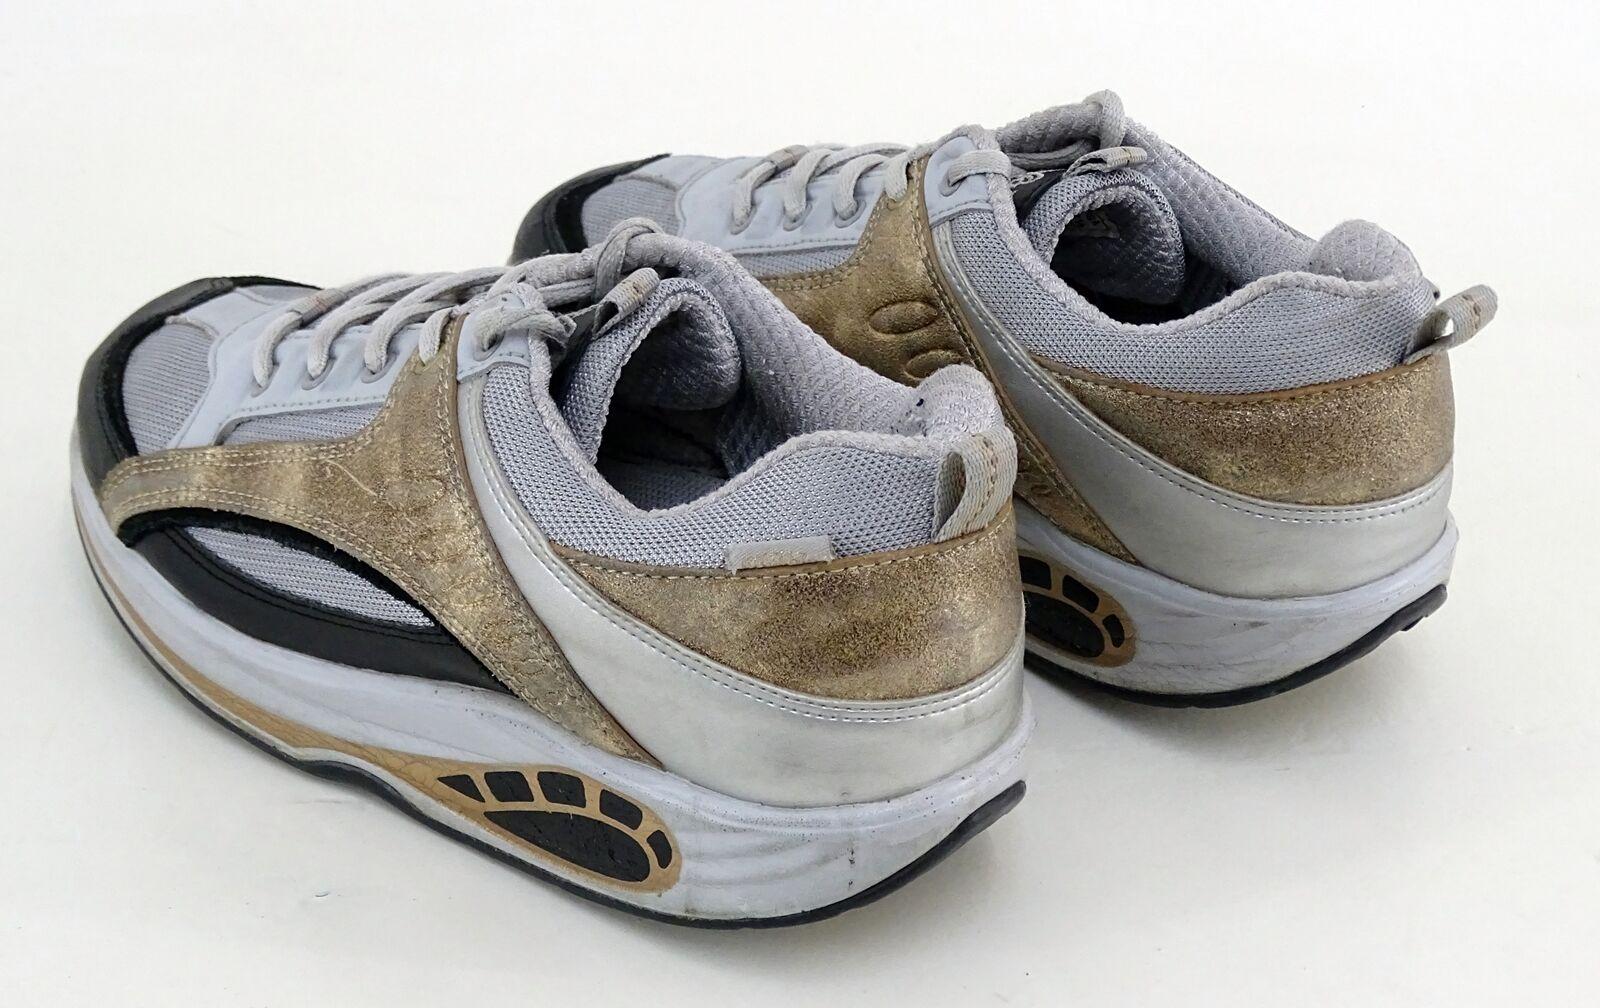 Sneaker Buffalo Schnürer gebogene Sohle 40 Bodyliner Textil, Echtleder Gr. 40 Sohle 2fde77